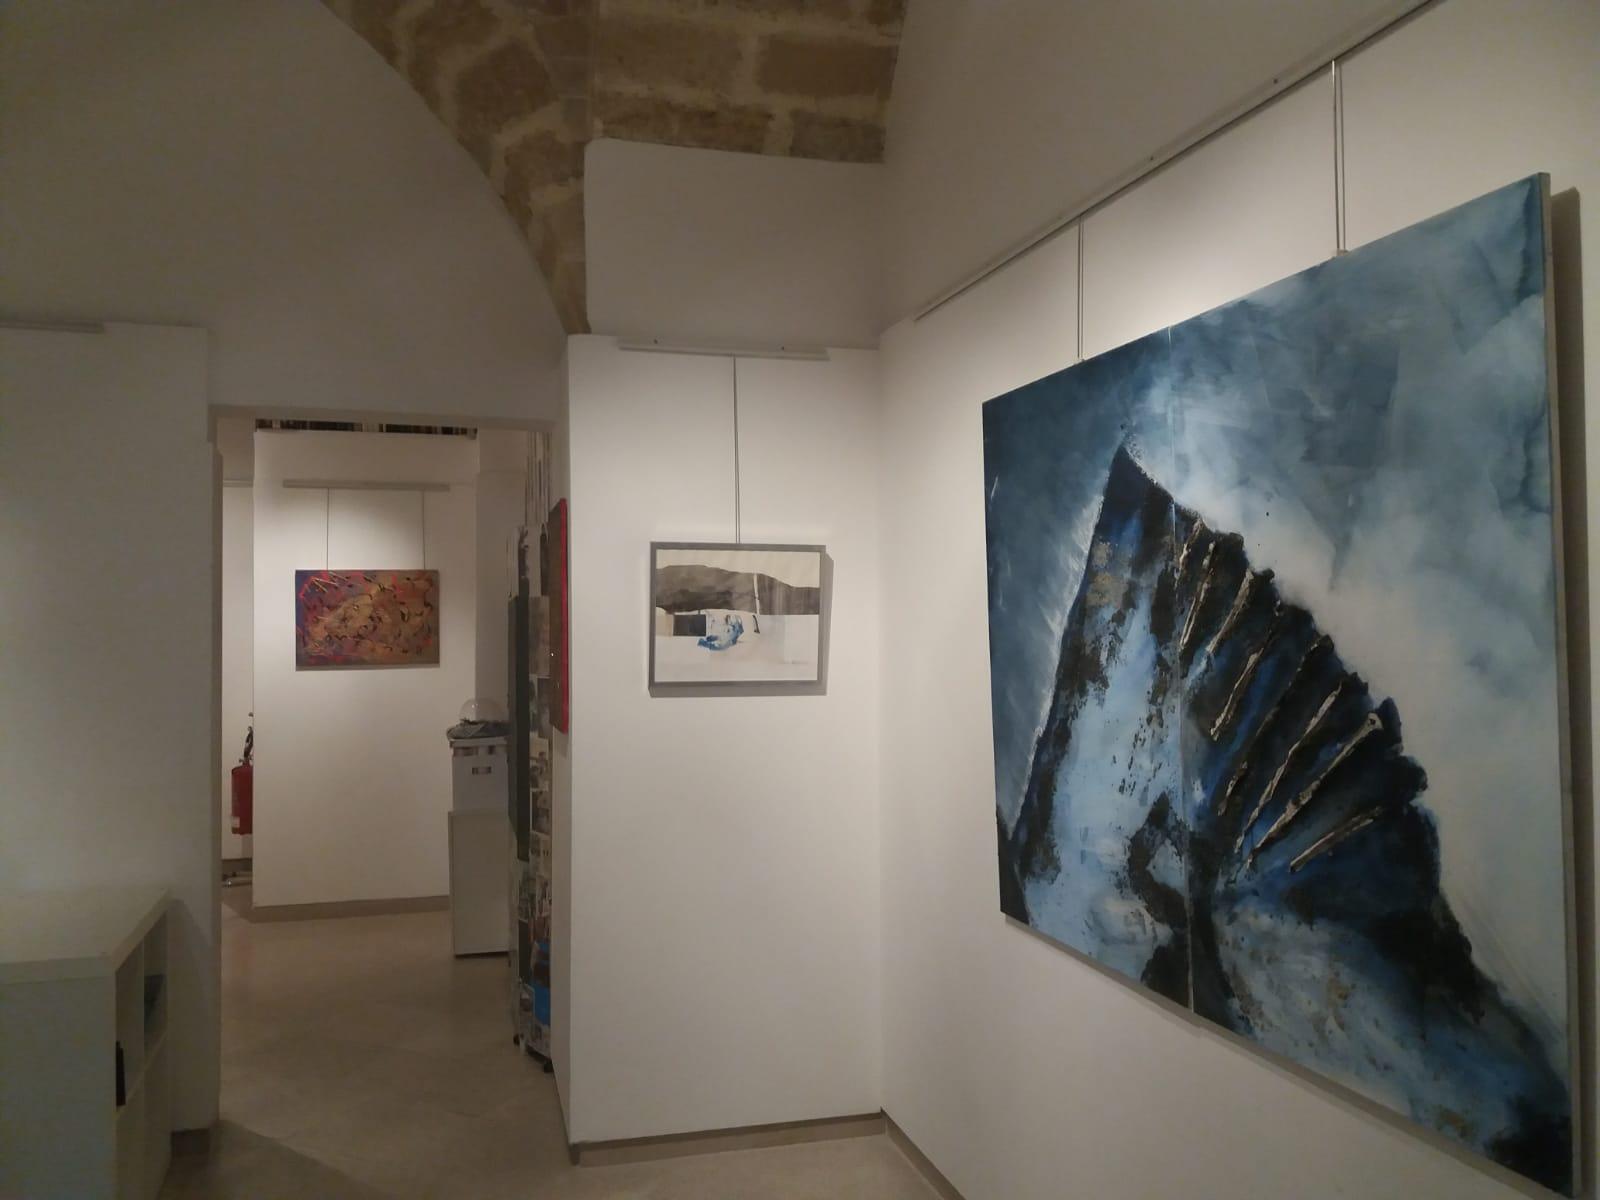 Barletta Fondazione De Nittis